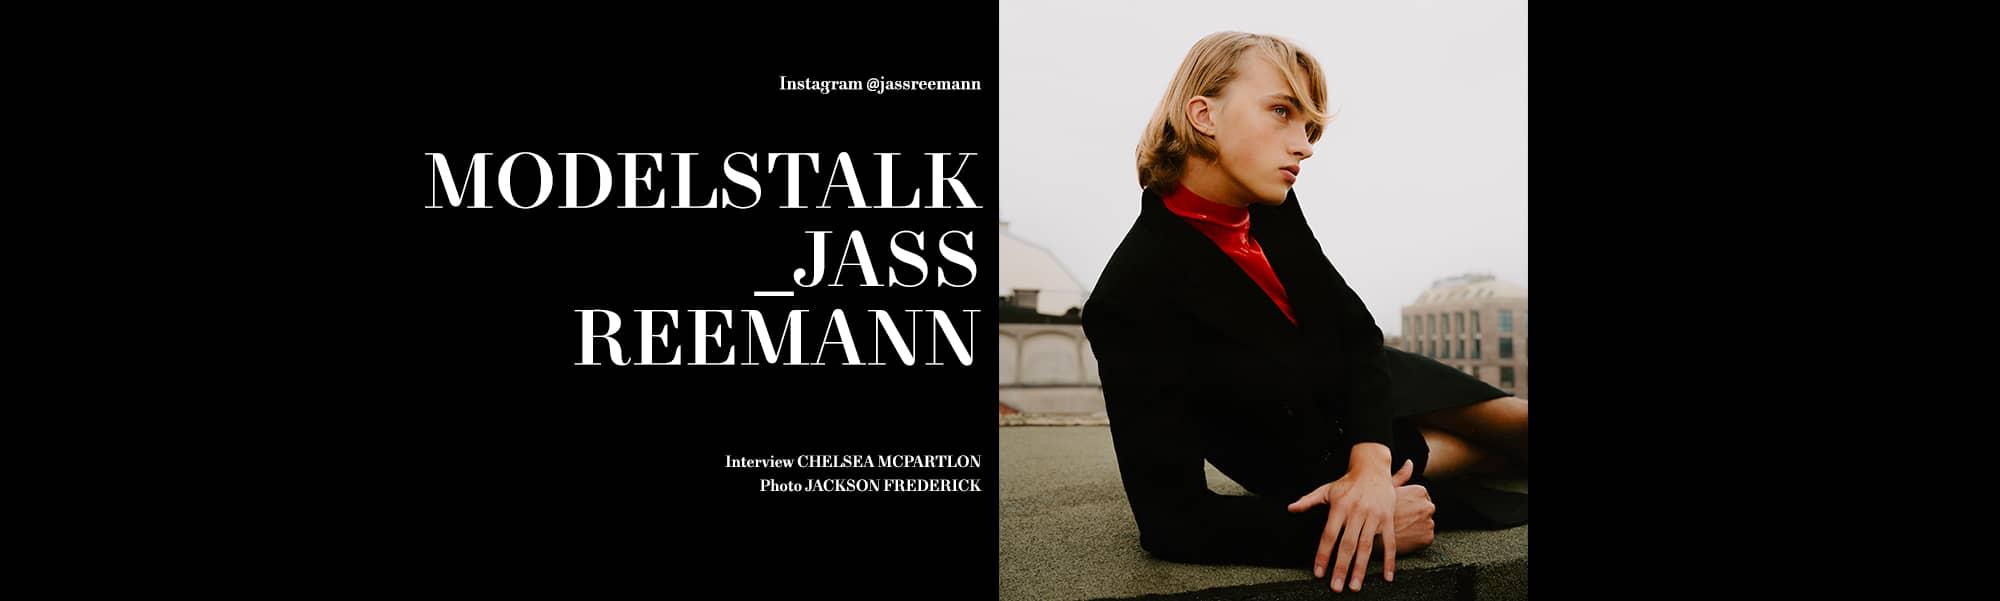 TheGreatestMagazine_TalkingHeads_JassReemann_1